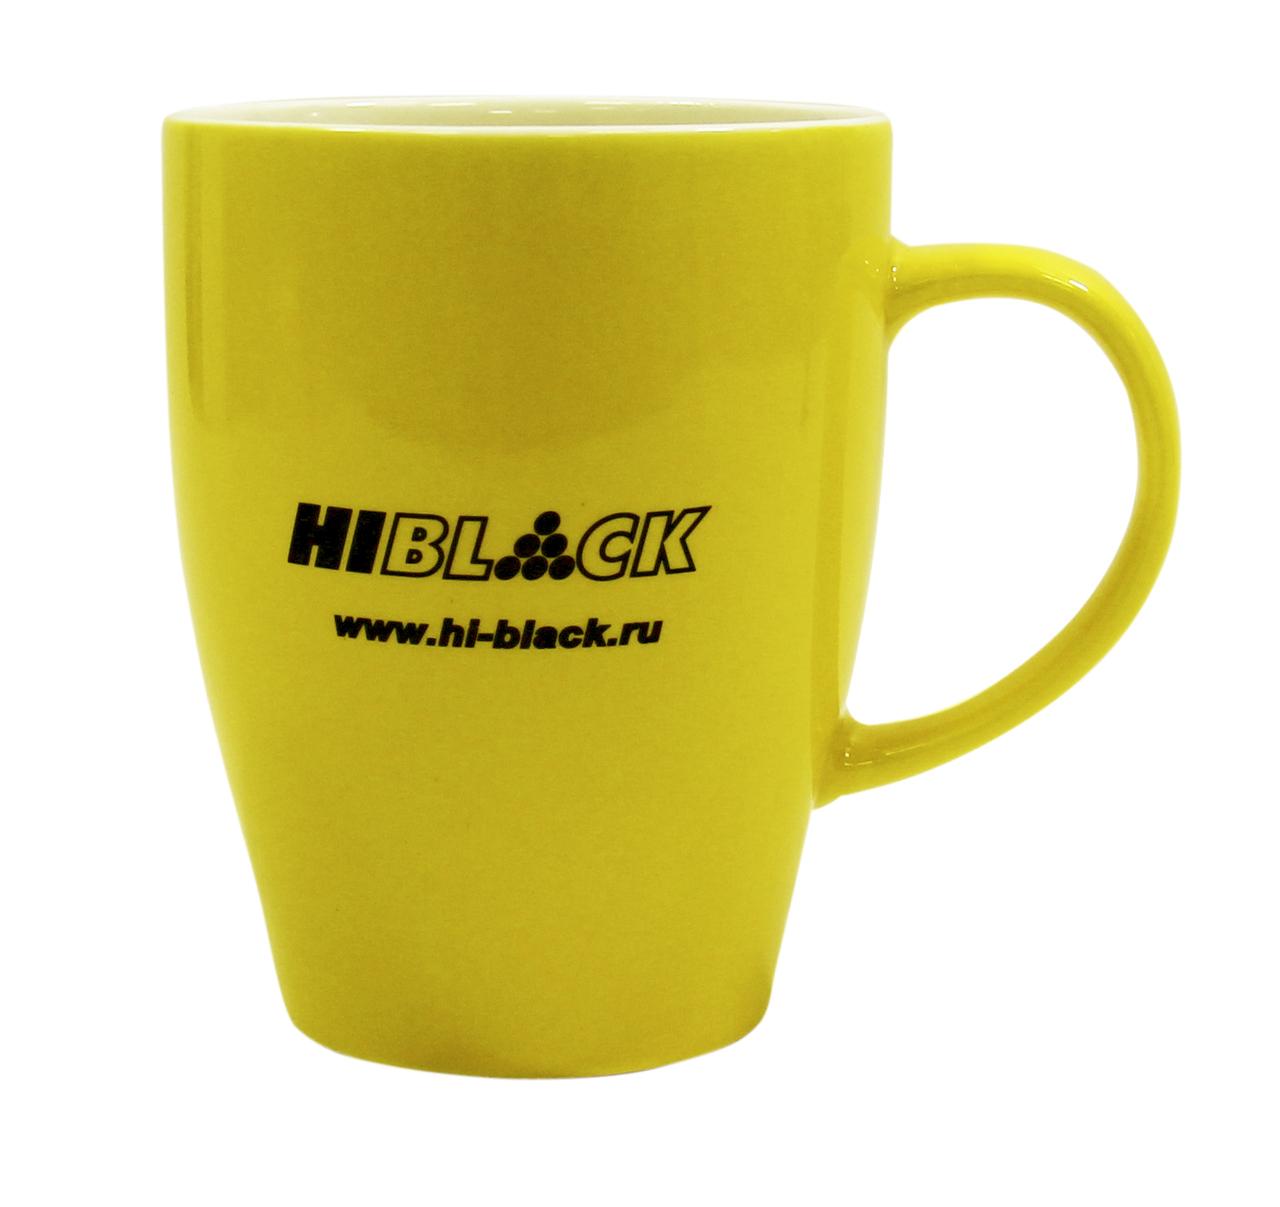 Кружка желтая Hi-Black (в упаковке)